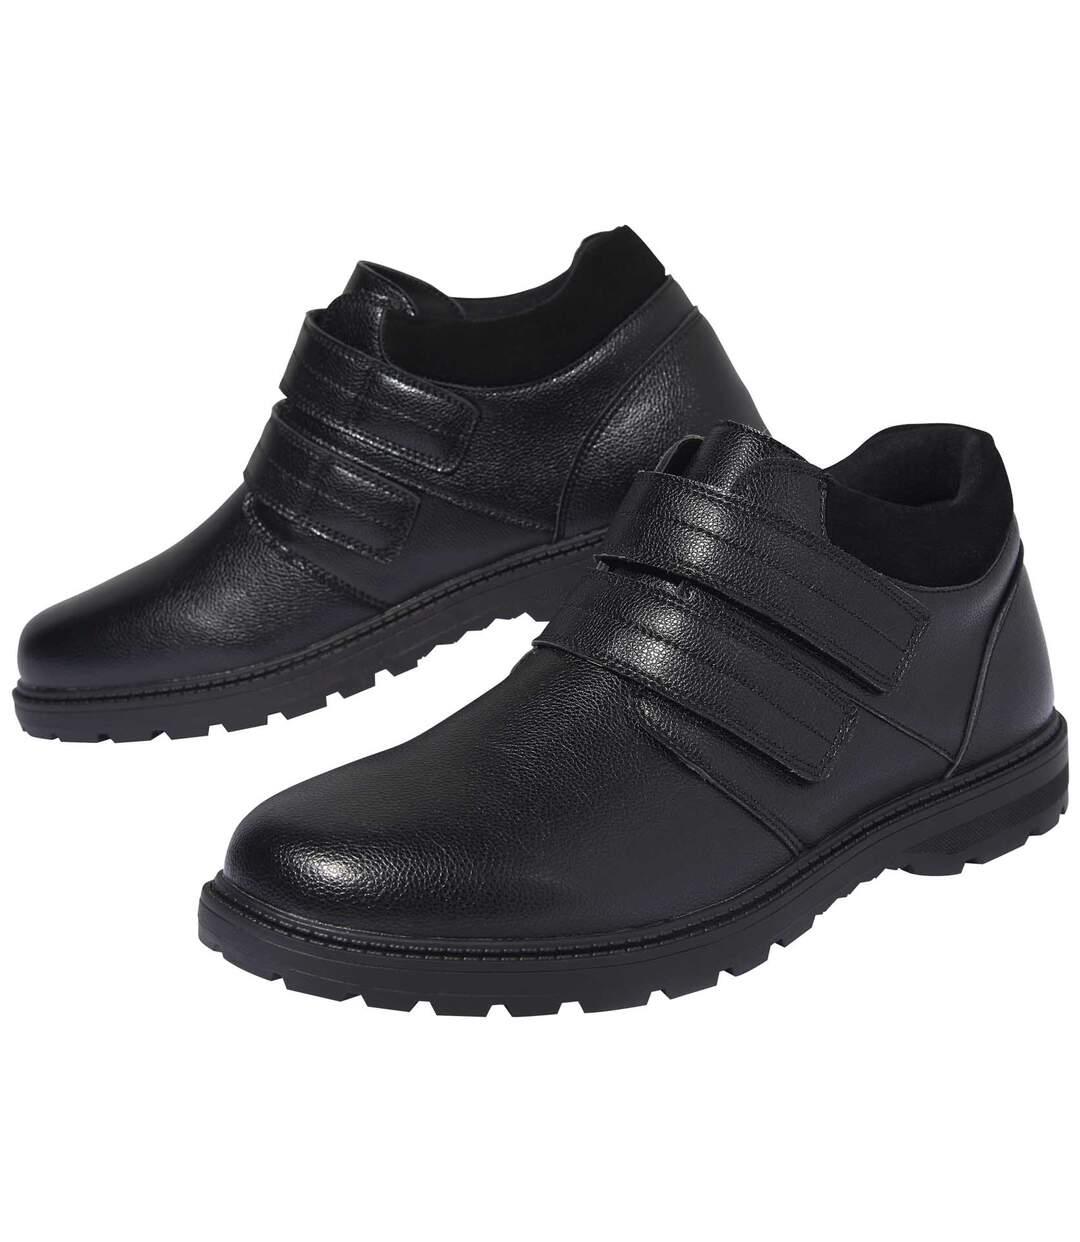 Skórzane buty z rzepem i kożuszkiem sherpa Atlas For Men